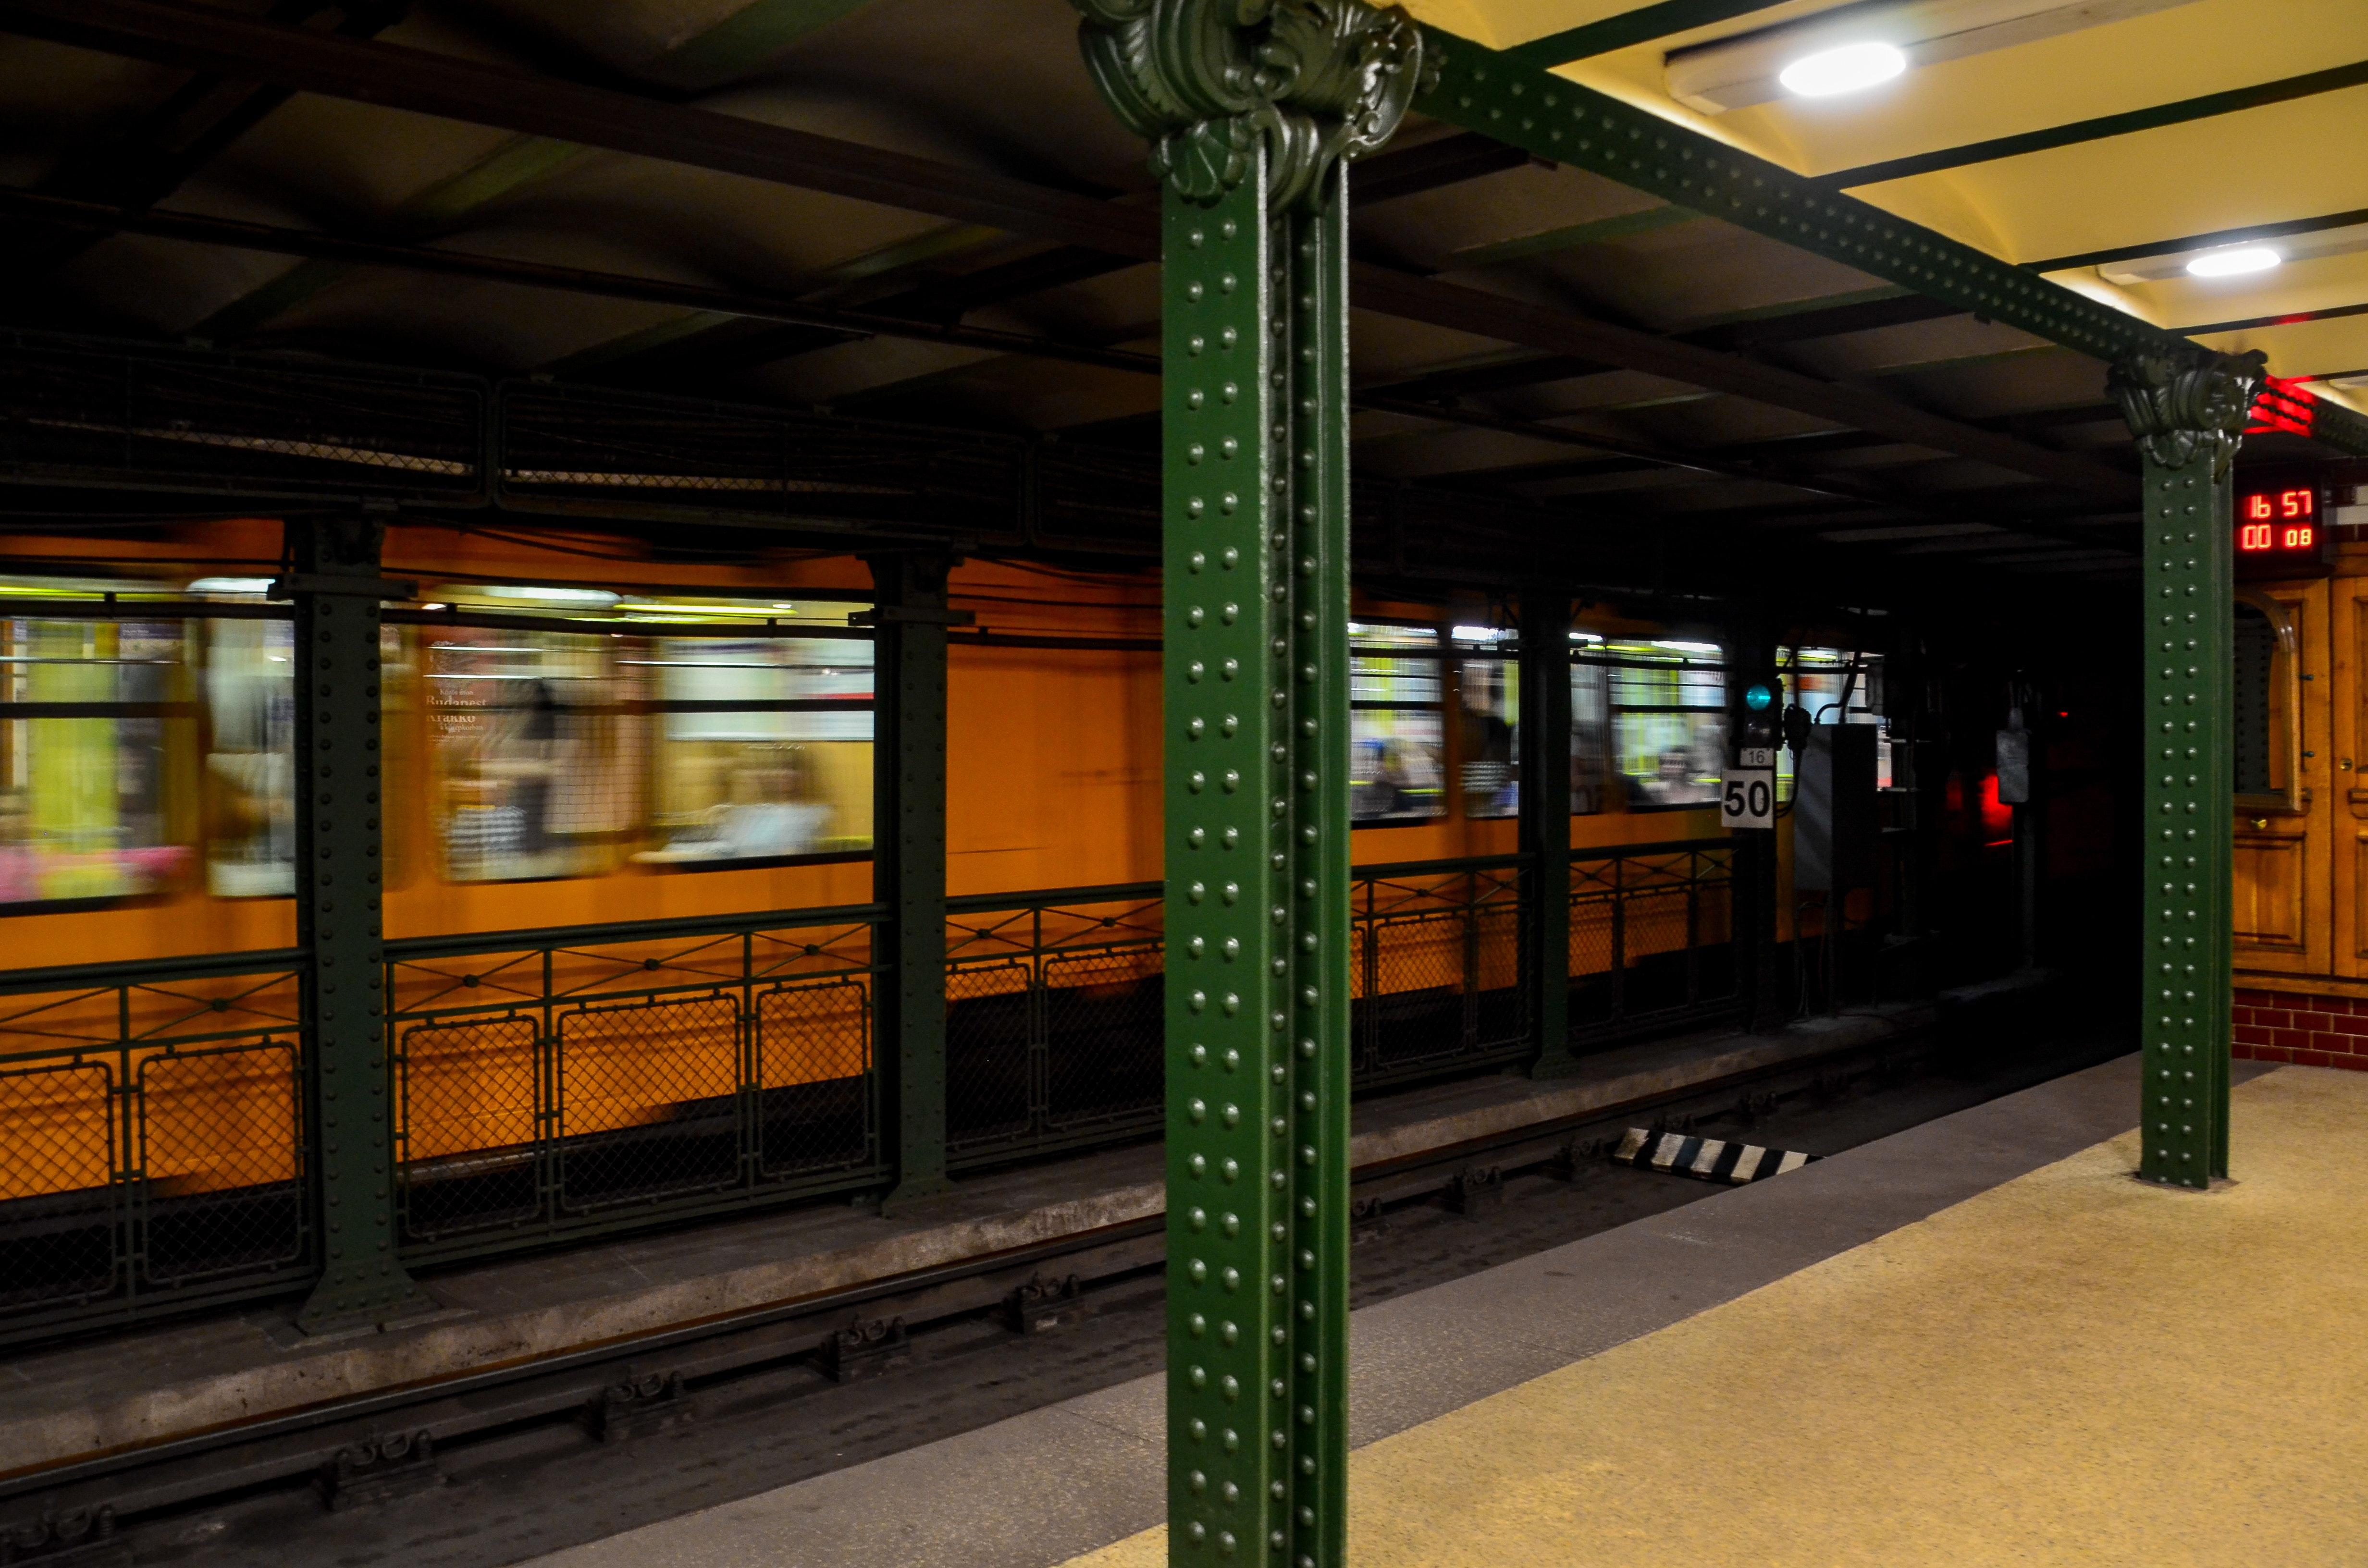 Yellow Train Photo, Architecture, Railway, Train station, Train, HQ Photo